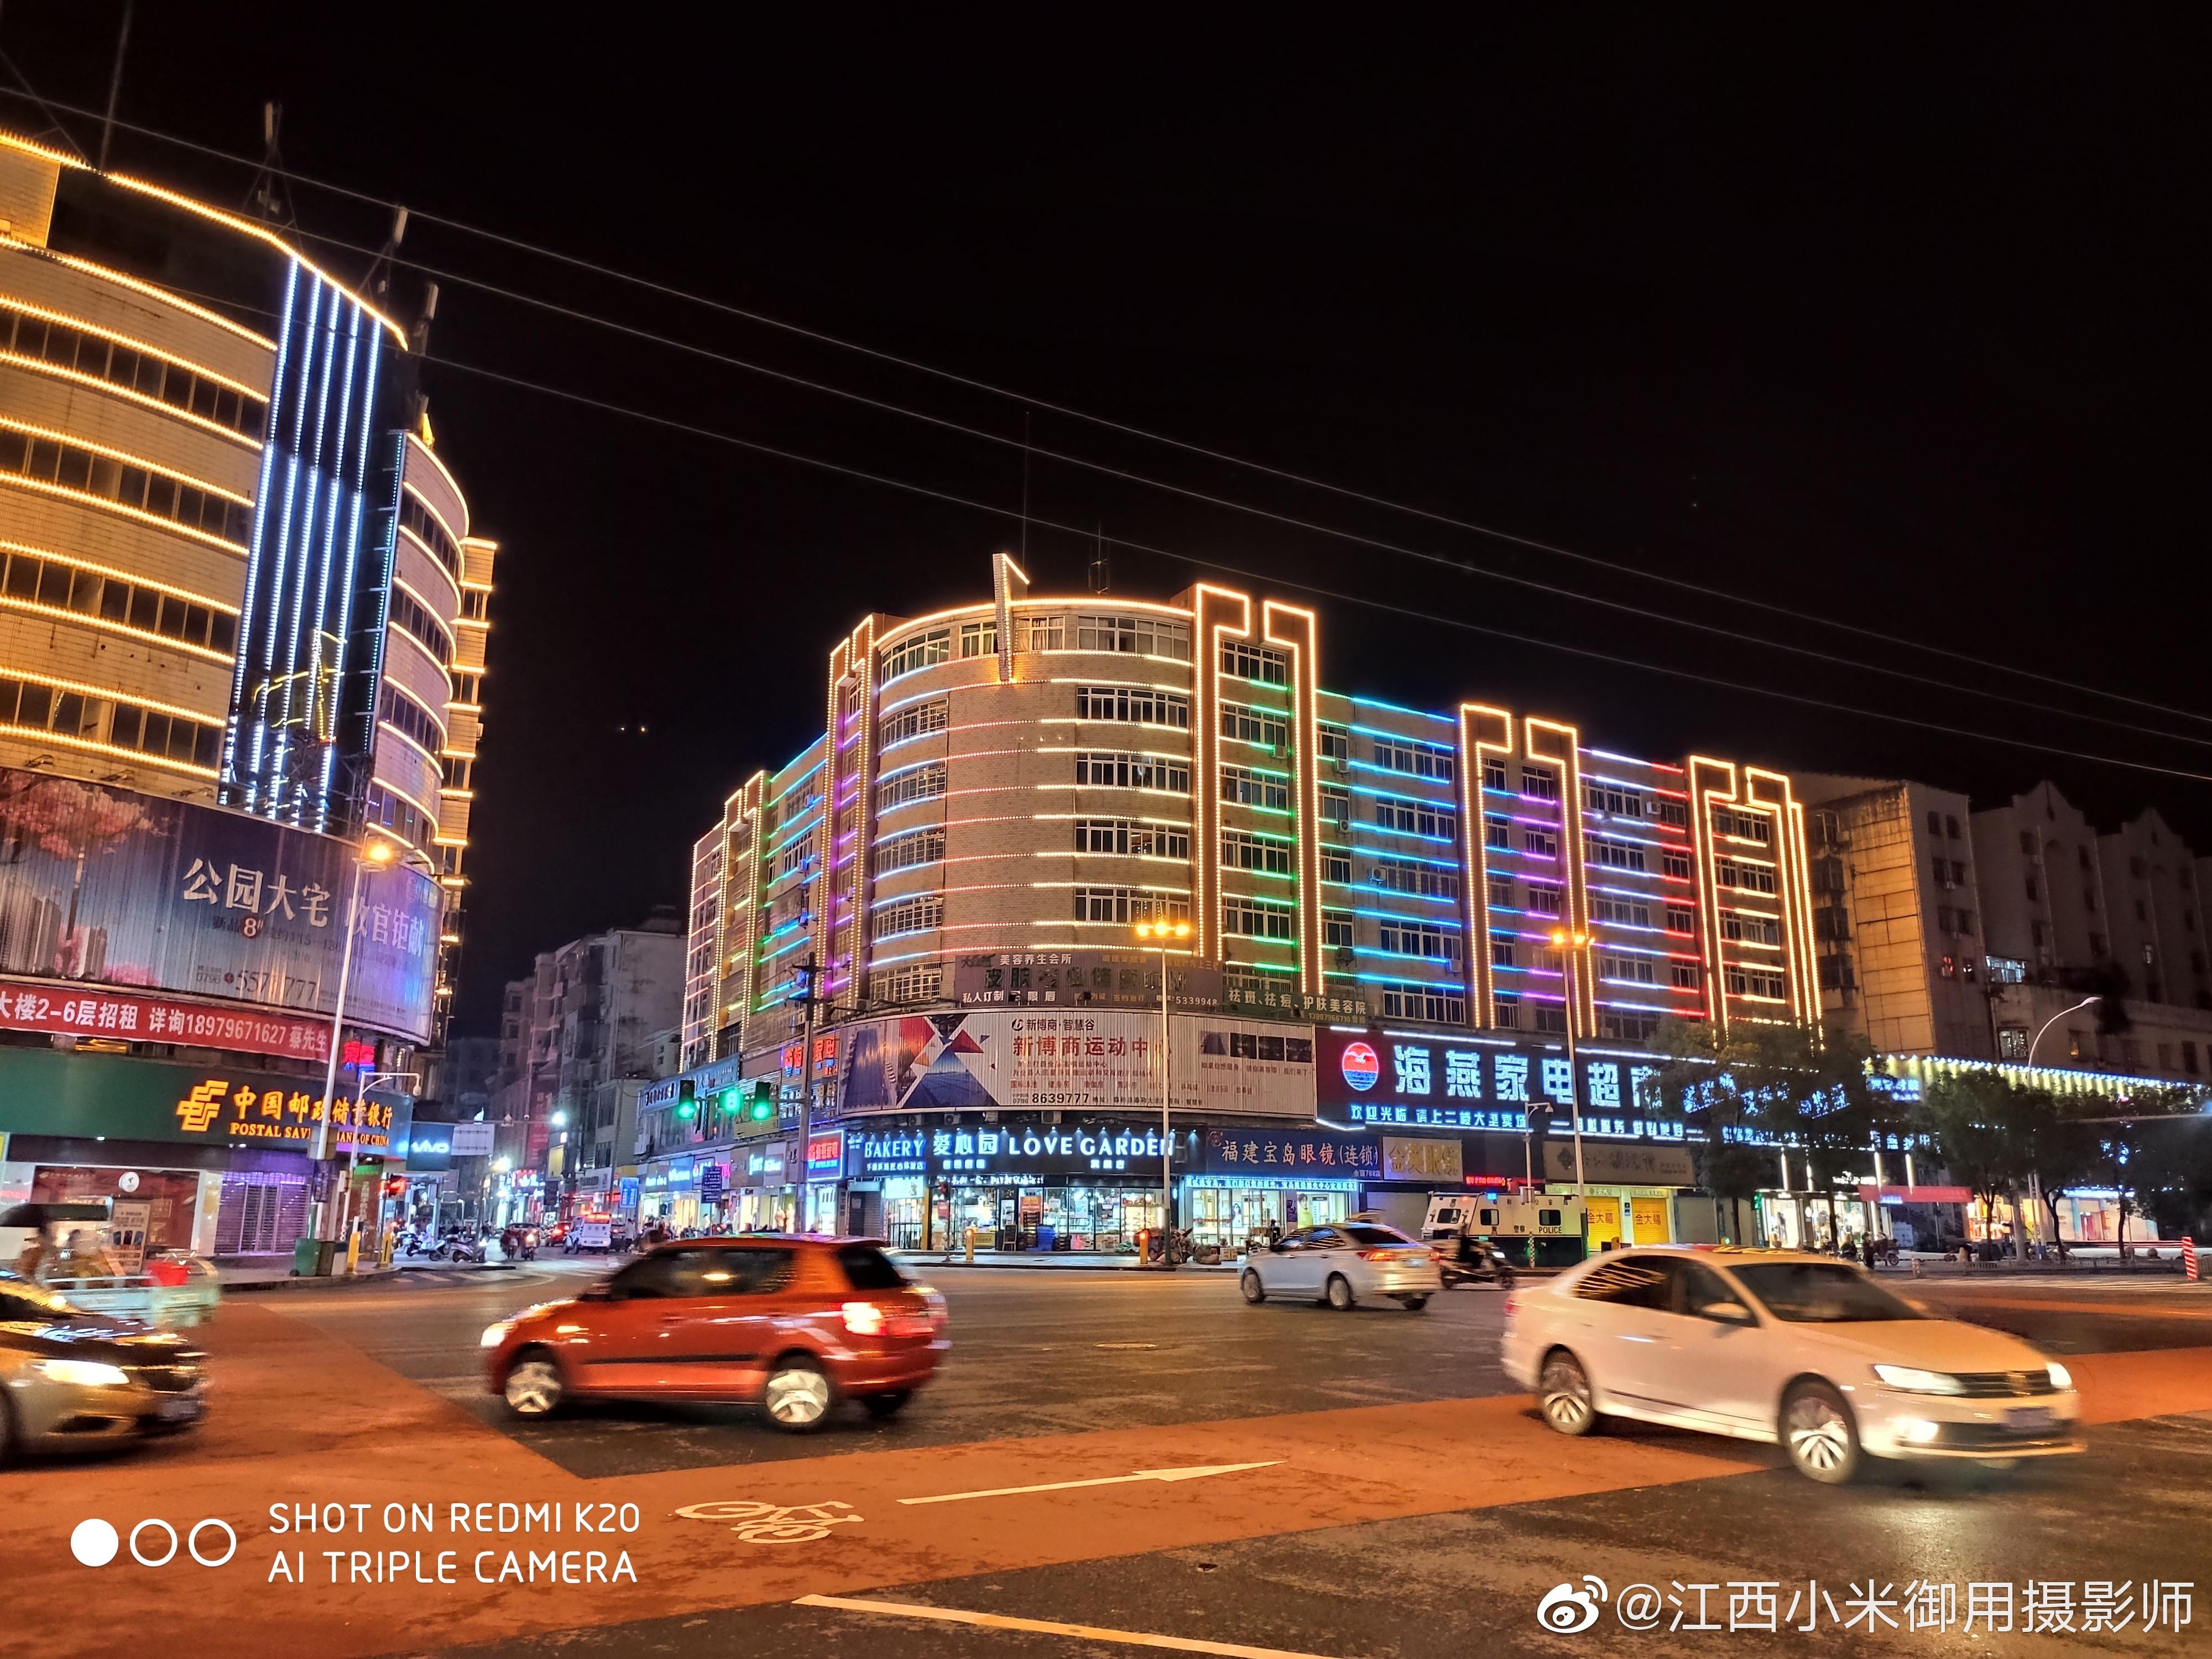 calidad fotografías y fotos del Redmi K20. Noticias Xiaomi Adictos